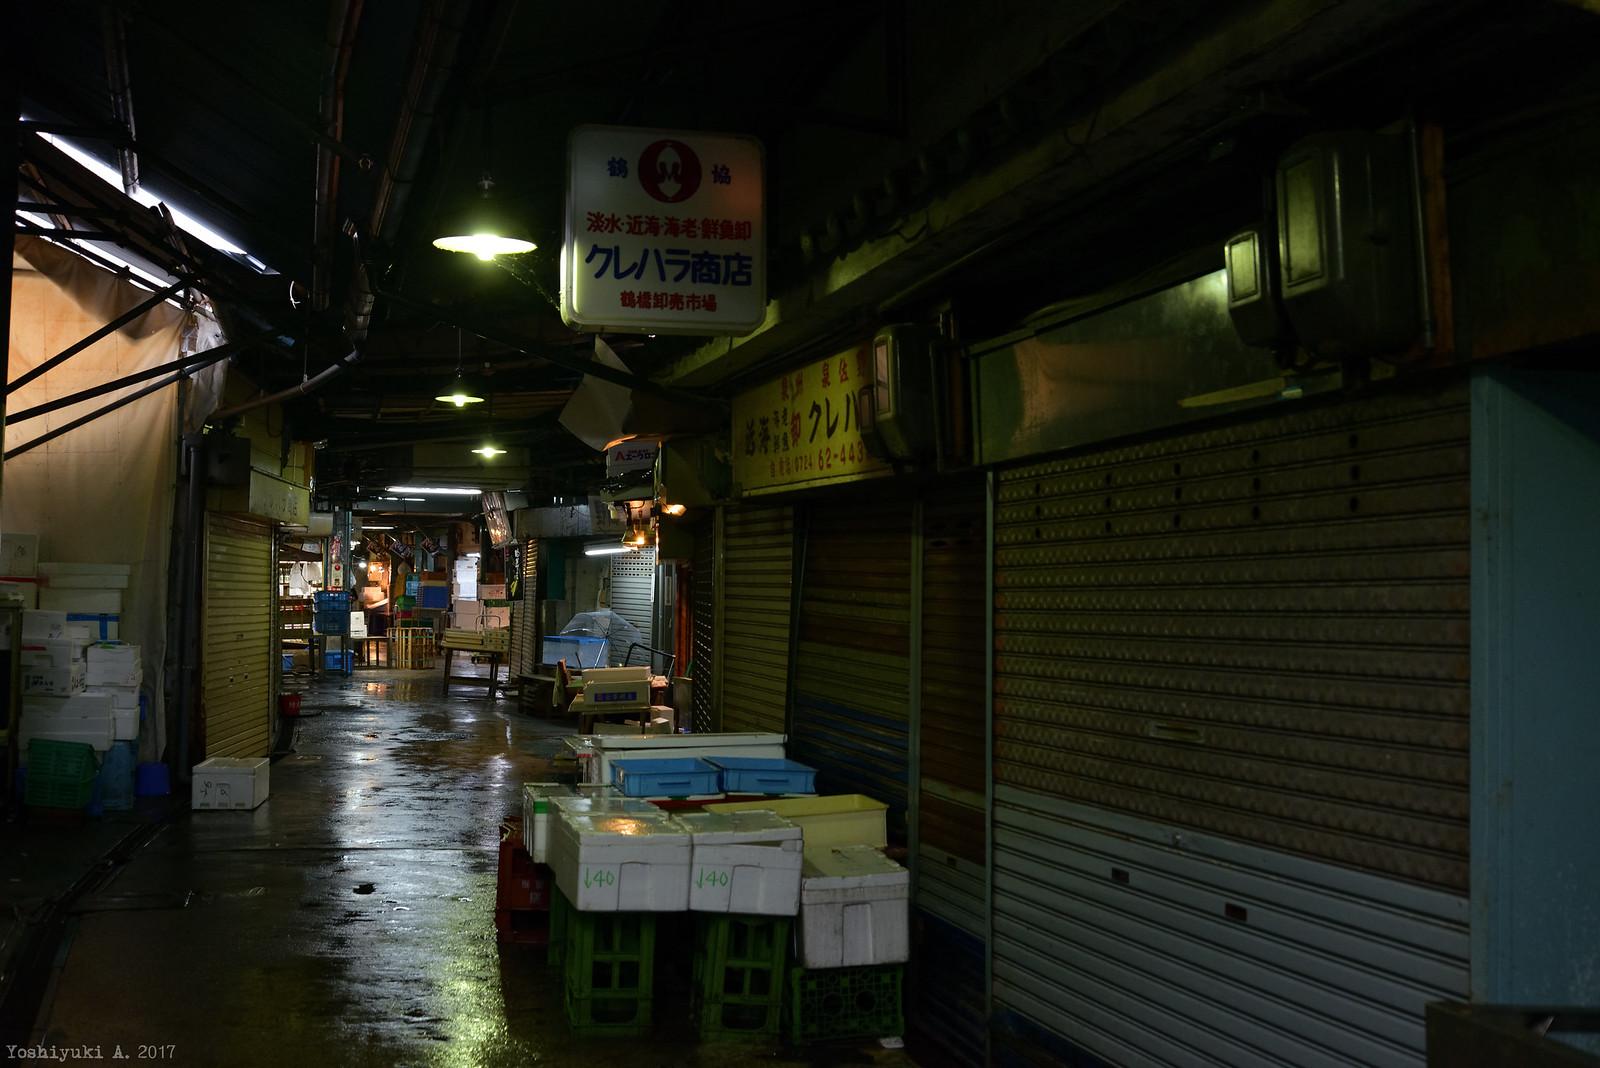 鶴橋_DS7_9556_nxd